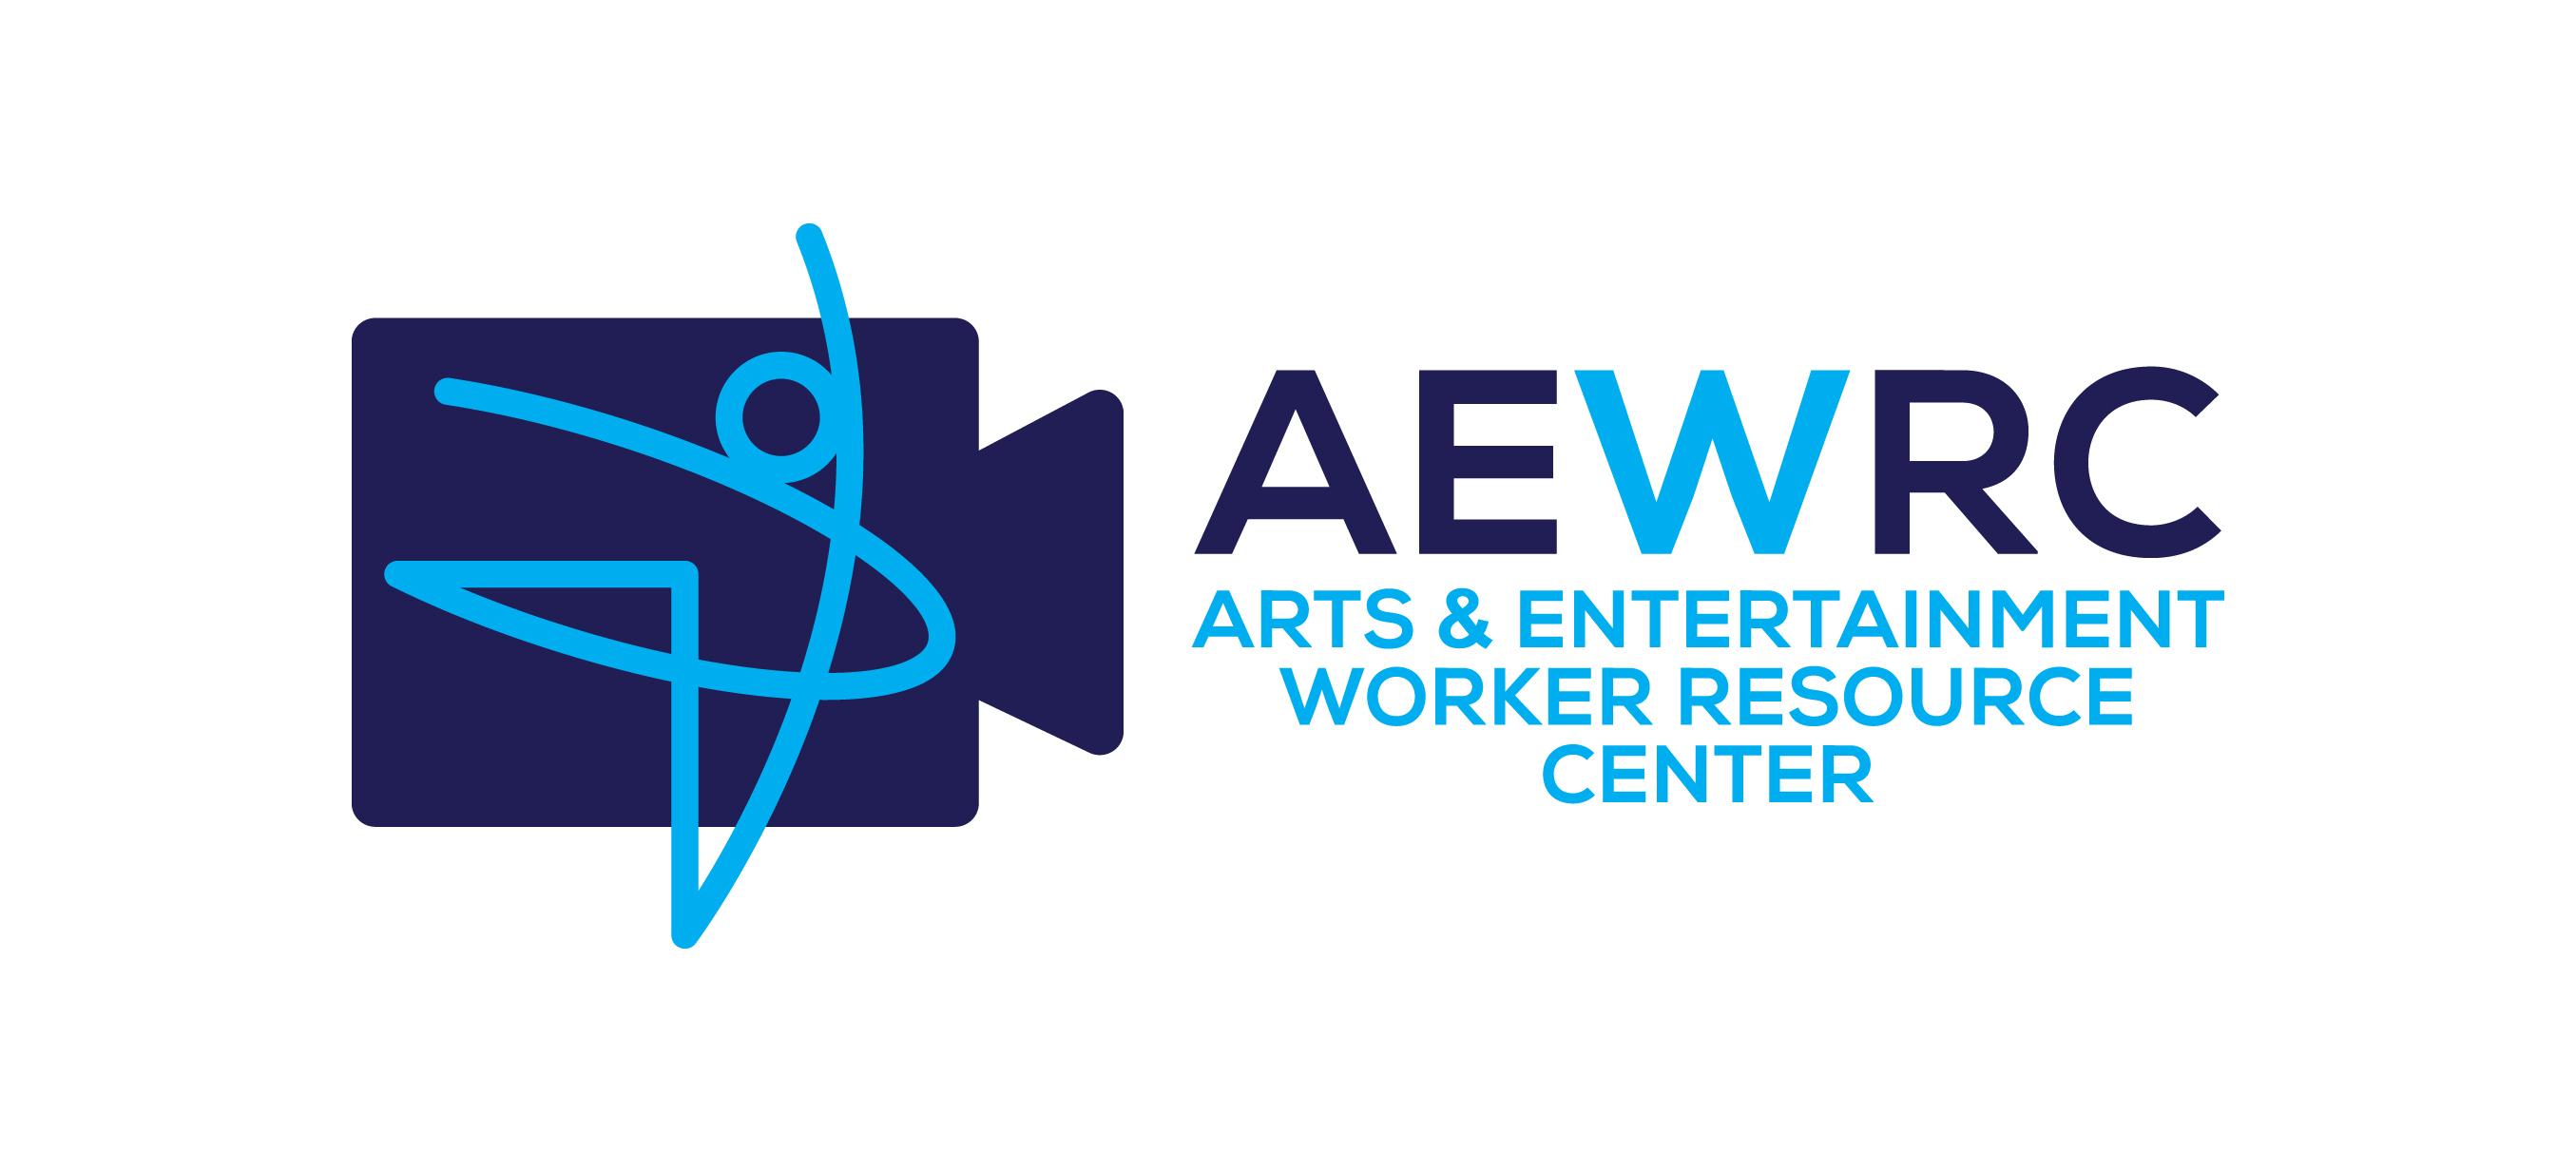 AEWRC logo